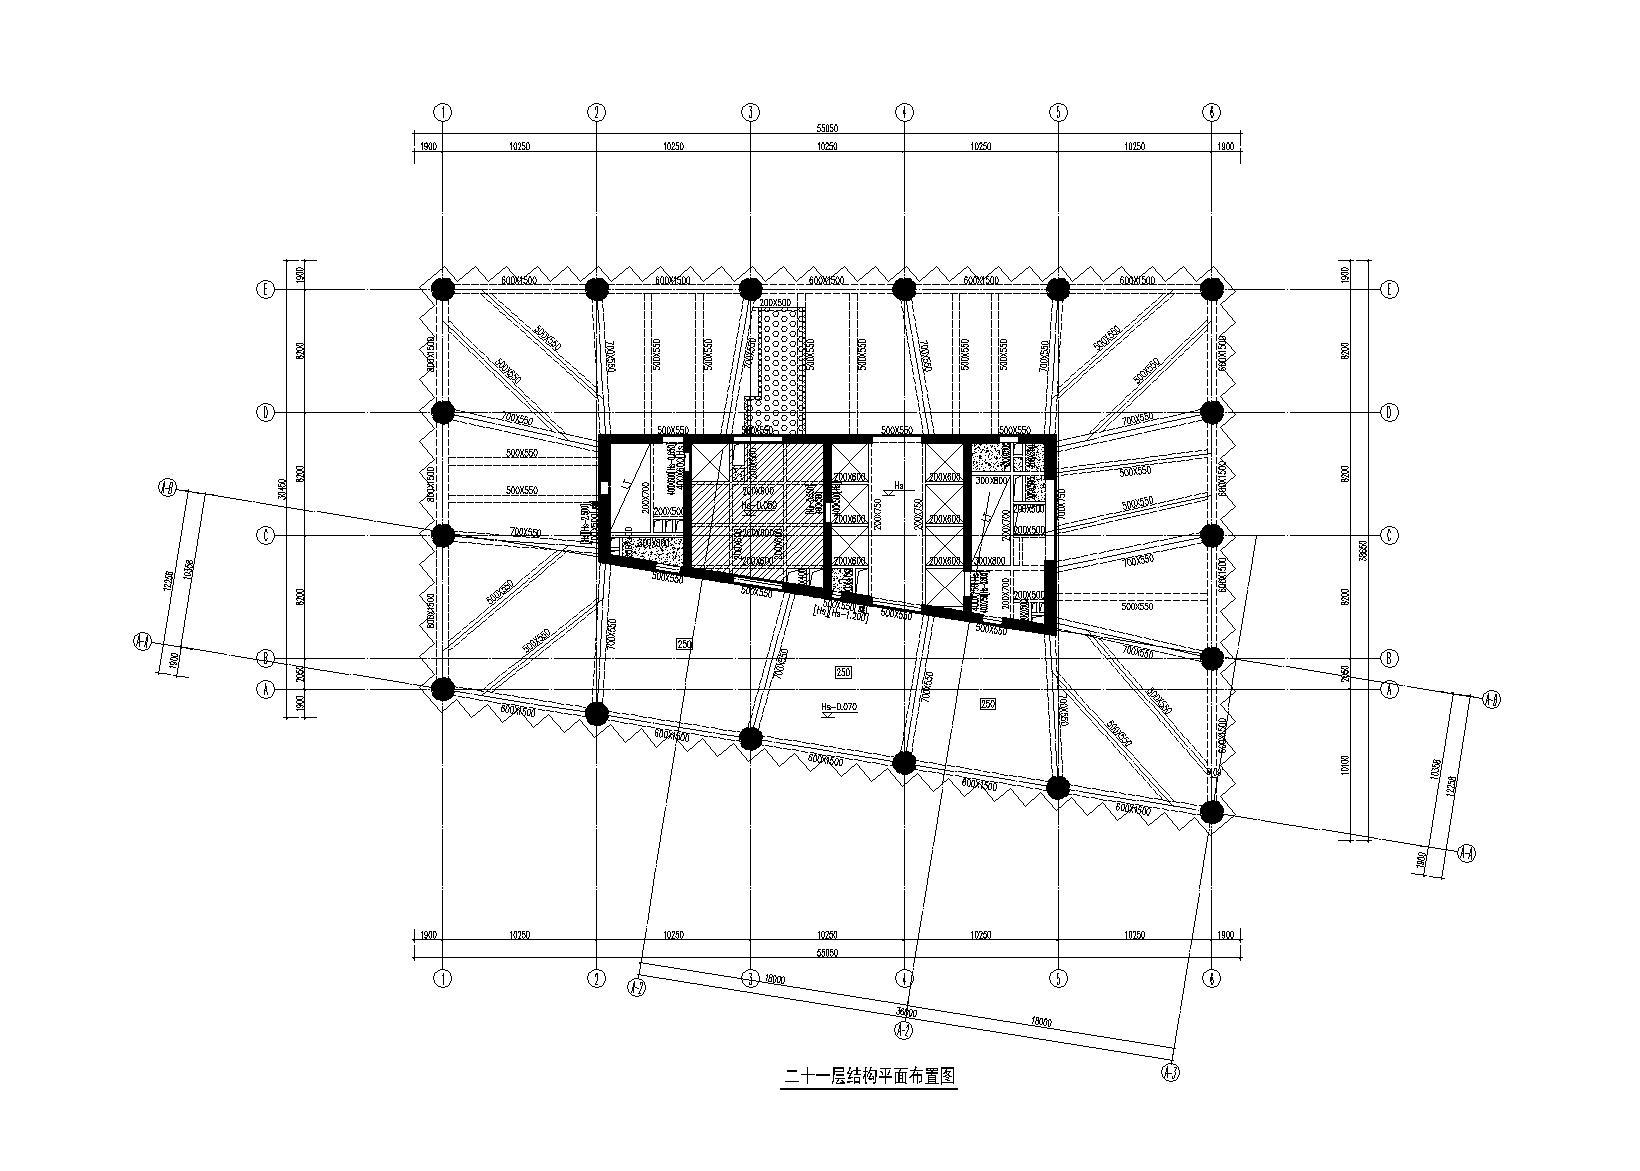 万科34层框架核心筒结构综合大厦结构施工图(含建筑施工图)